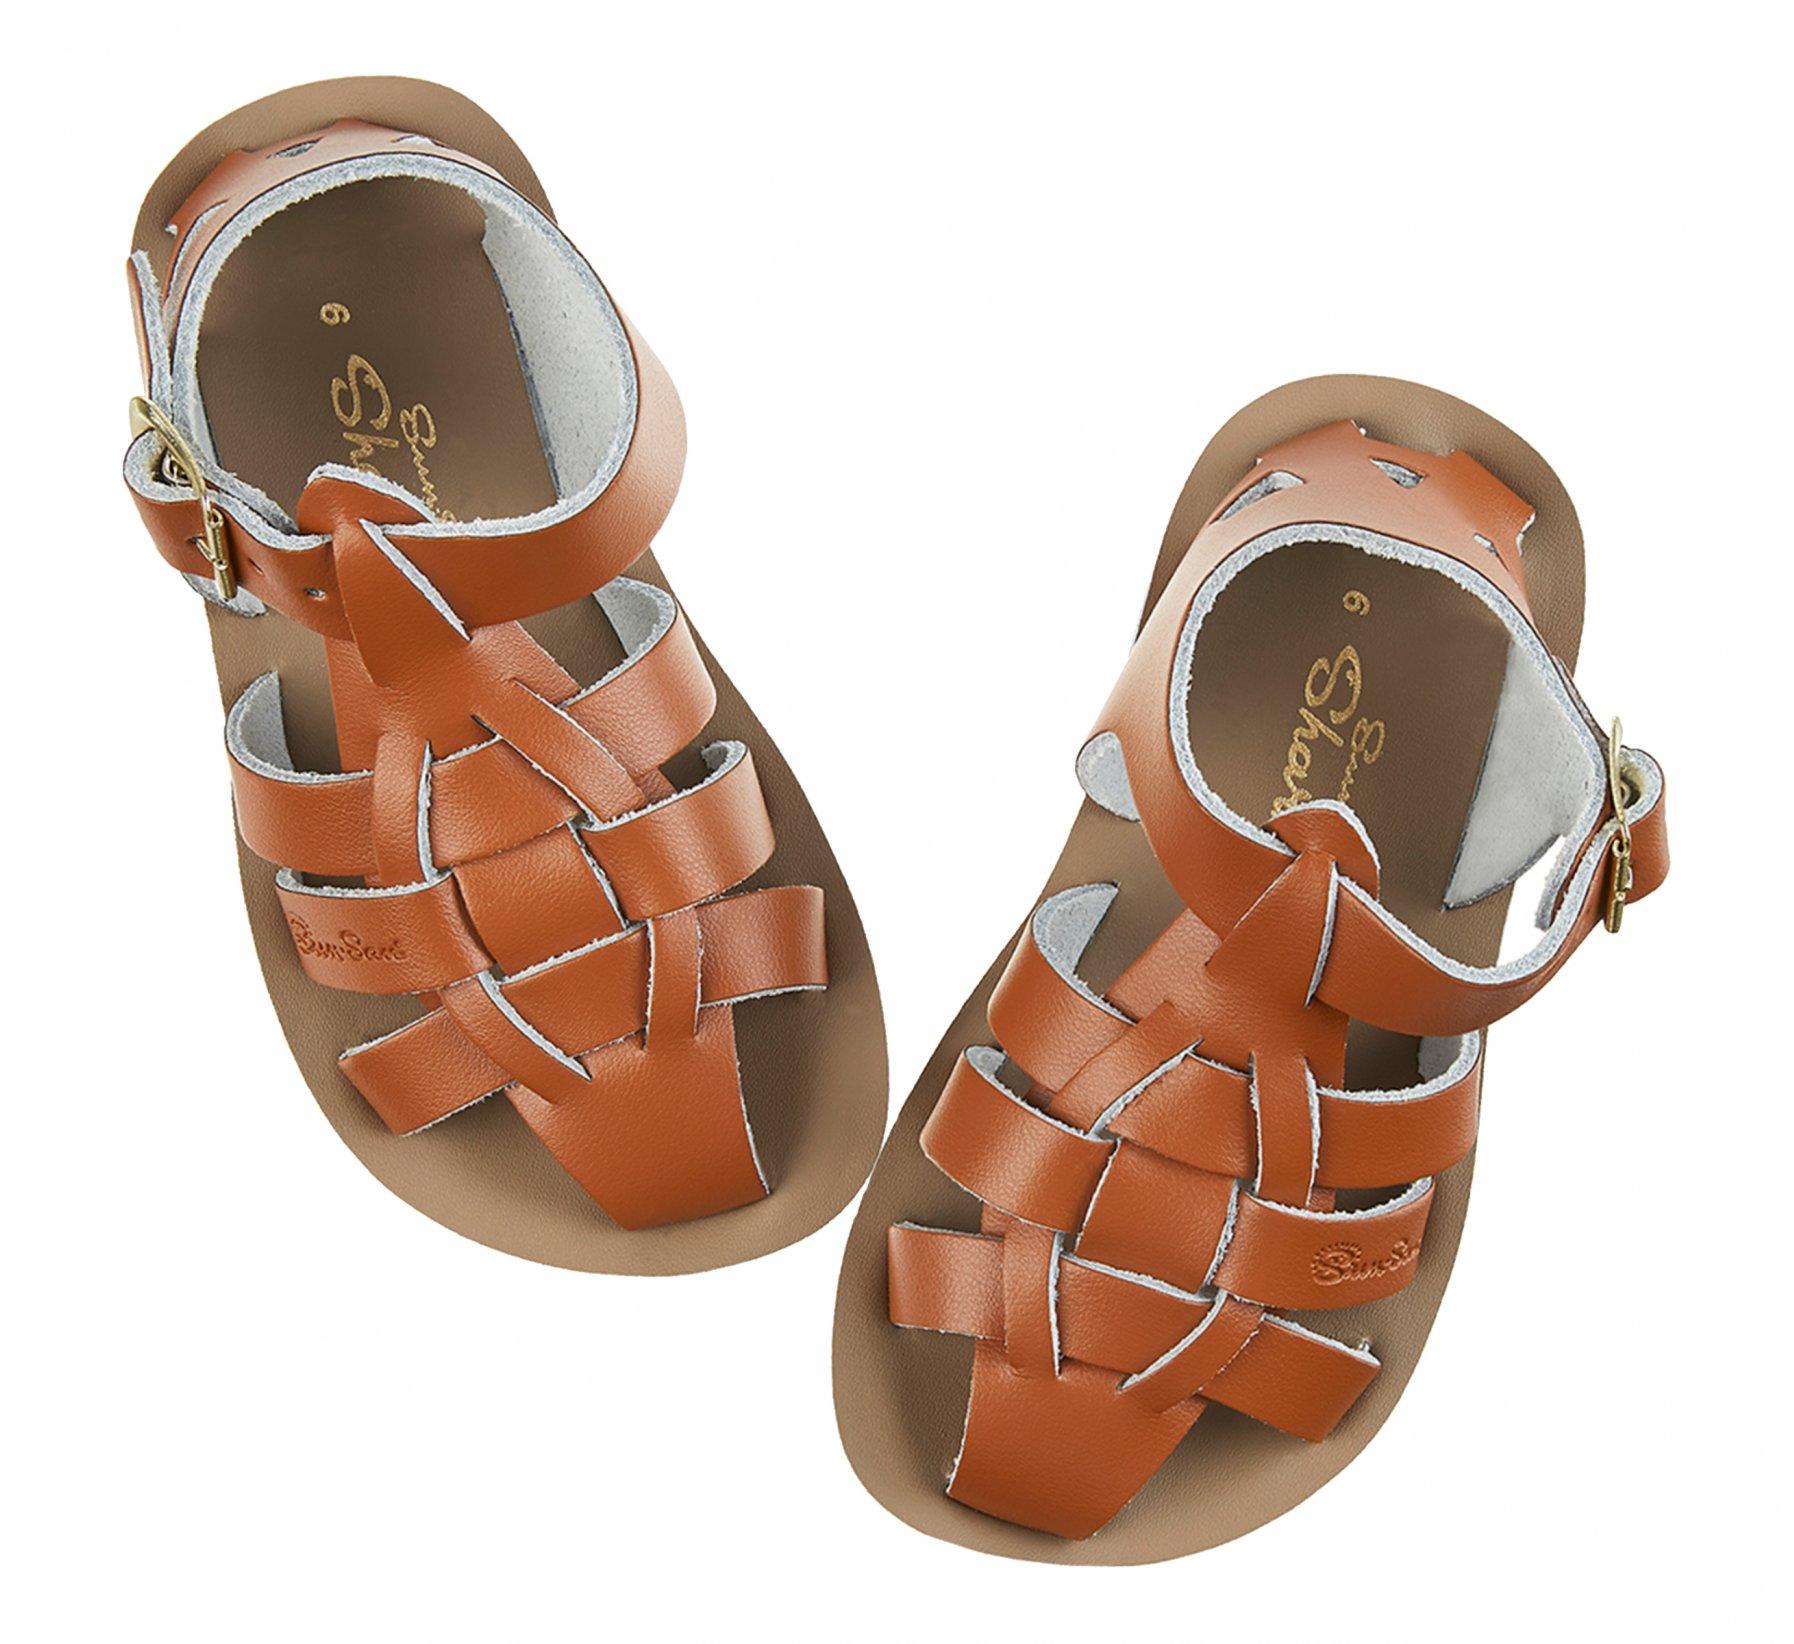 Shark Sawo Matang - Salt Water Sandals